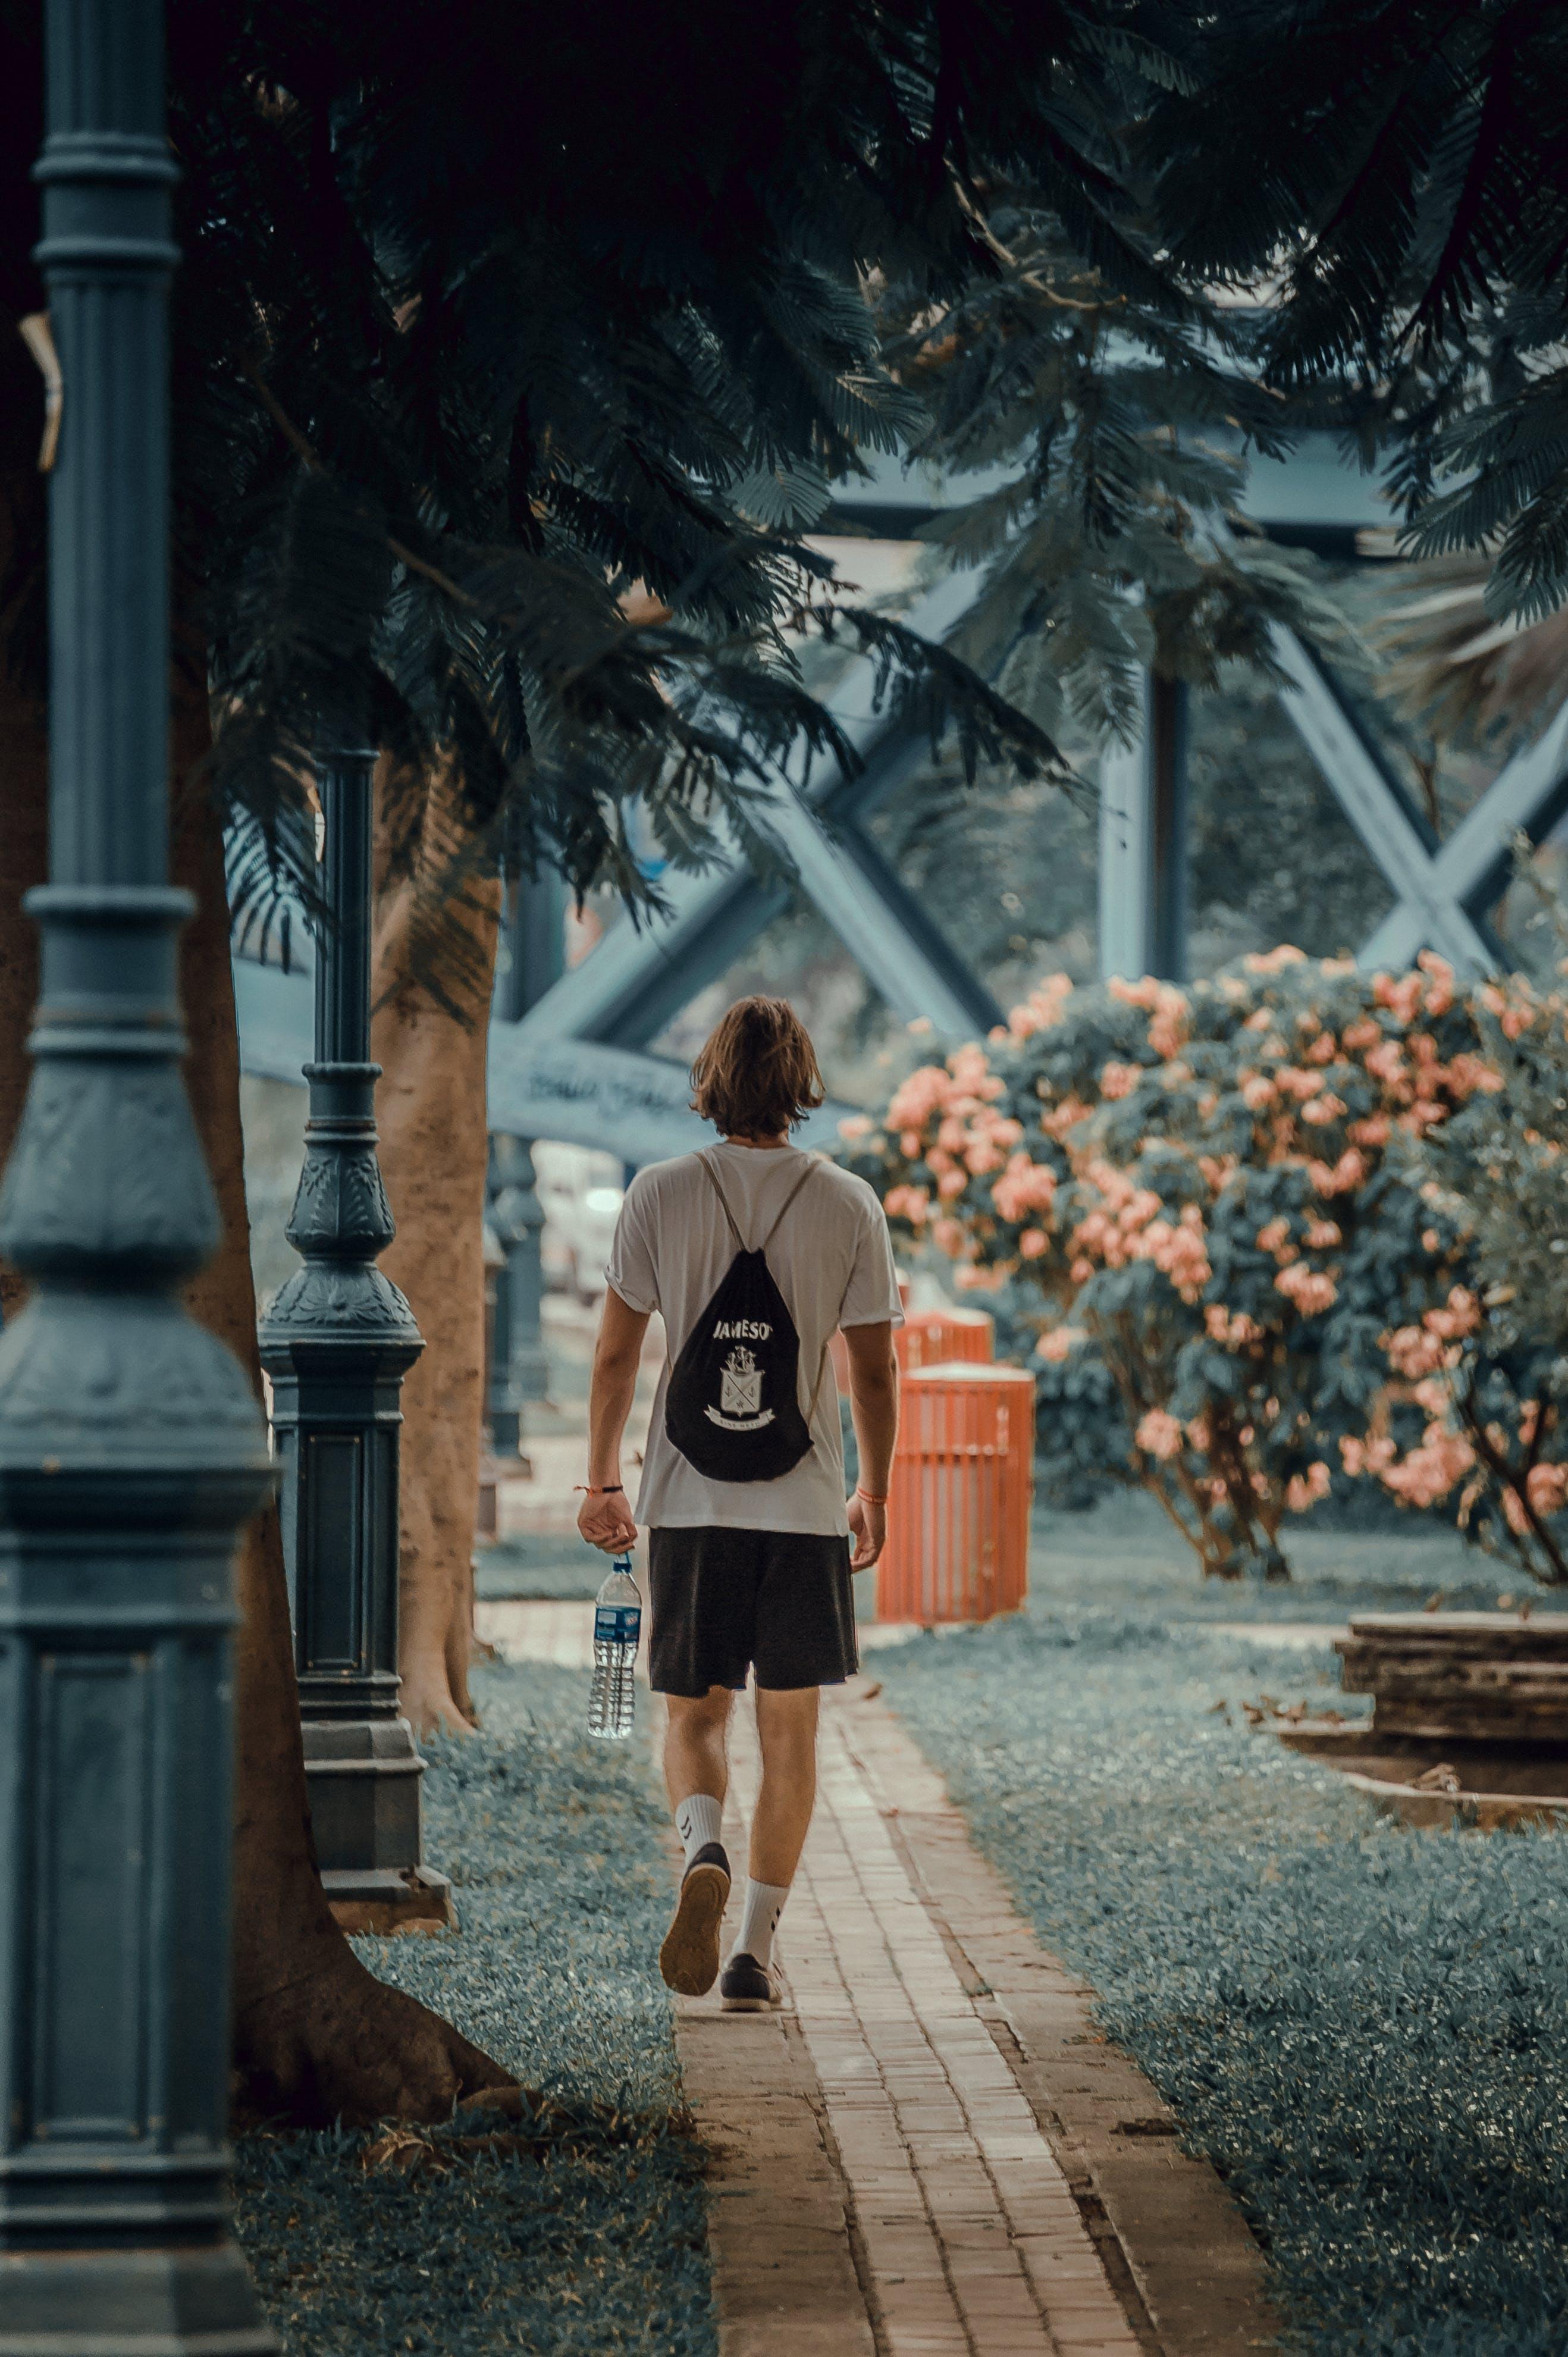 Photo of Man Walking on Pavement